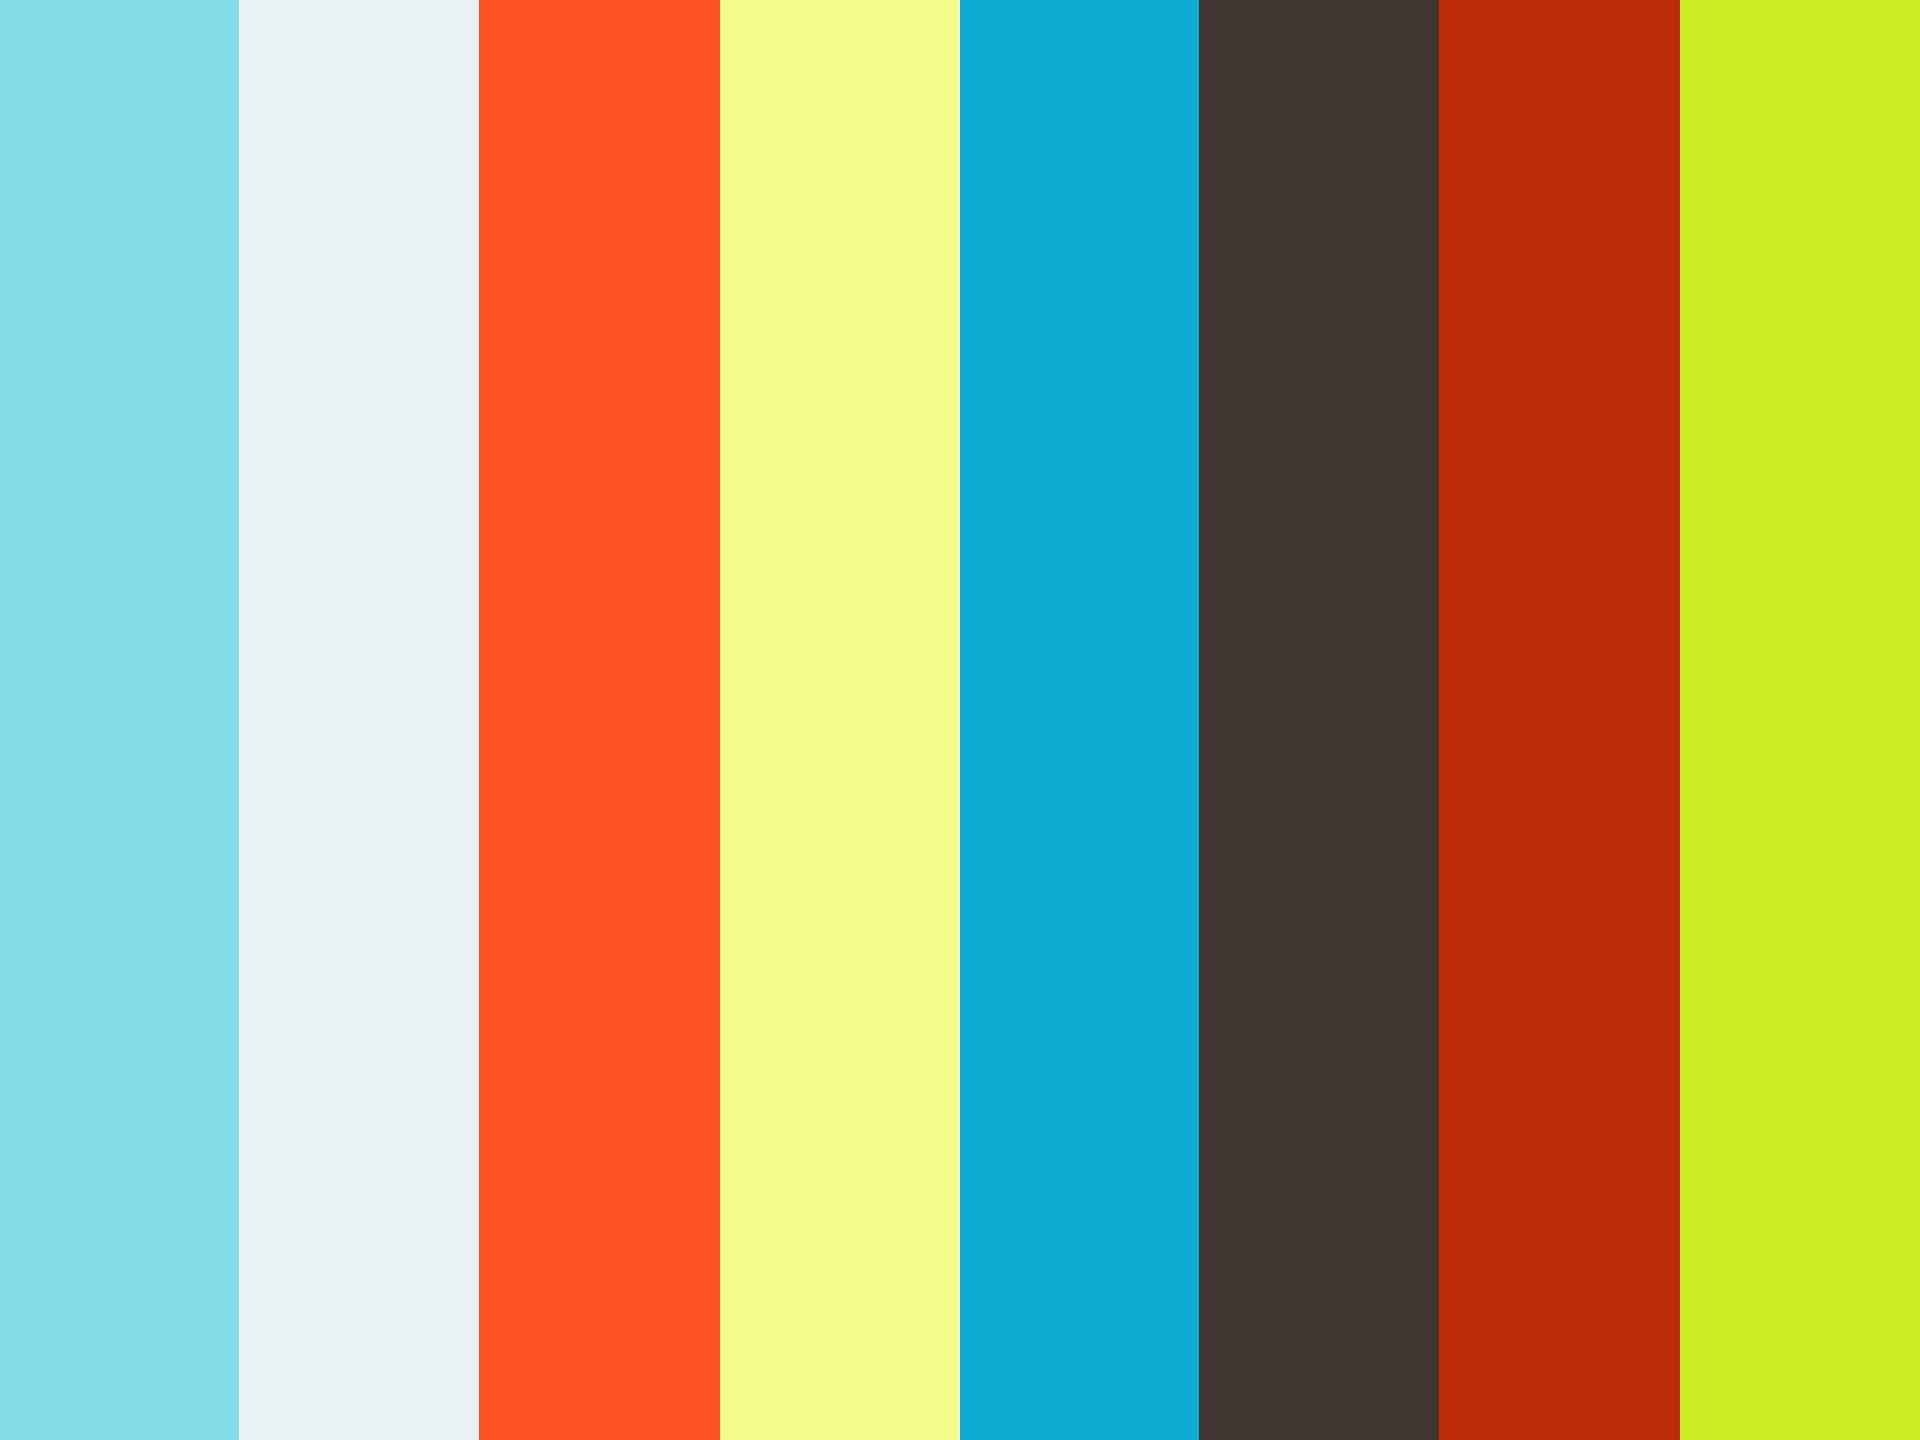 菅原 佳広先生:マイクロスコープを用いた直接修復の精度と造形美 #4 セクショナルマトリックスVSトッフルマイヤー